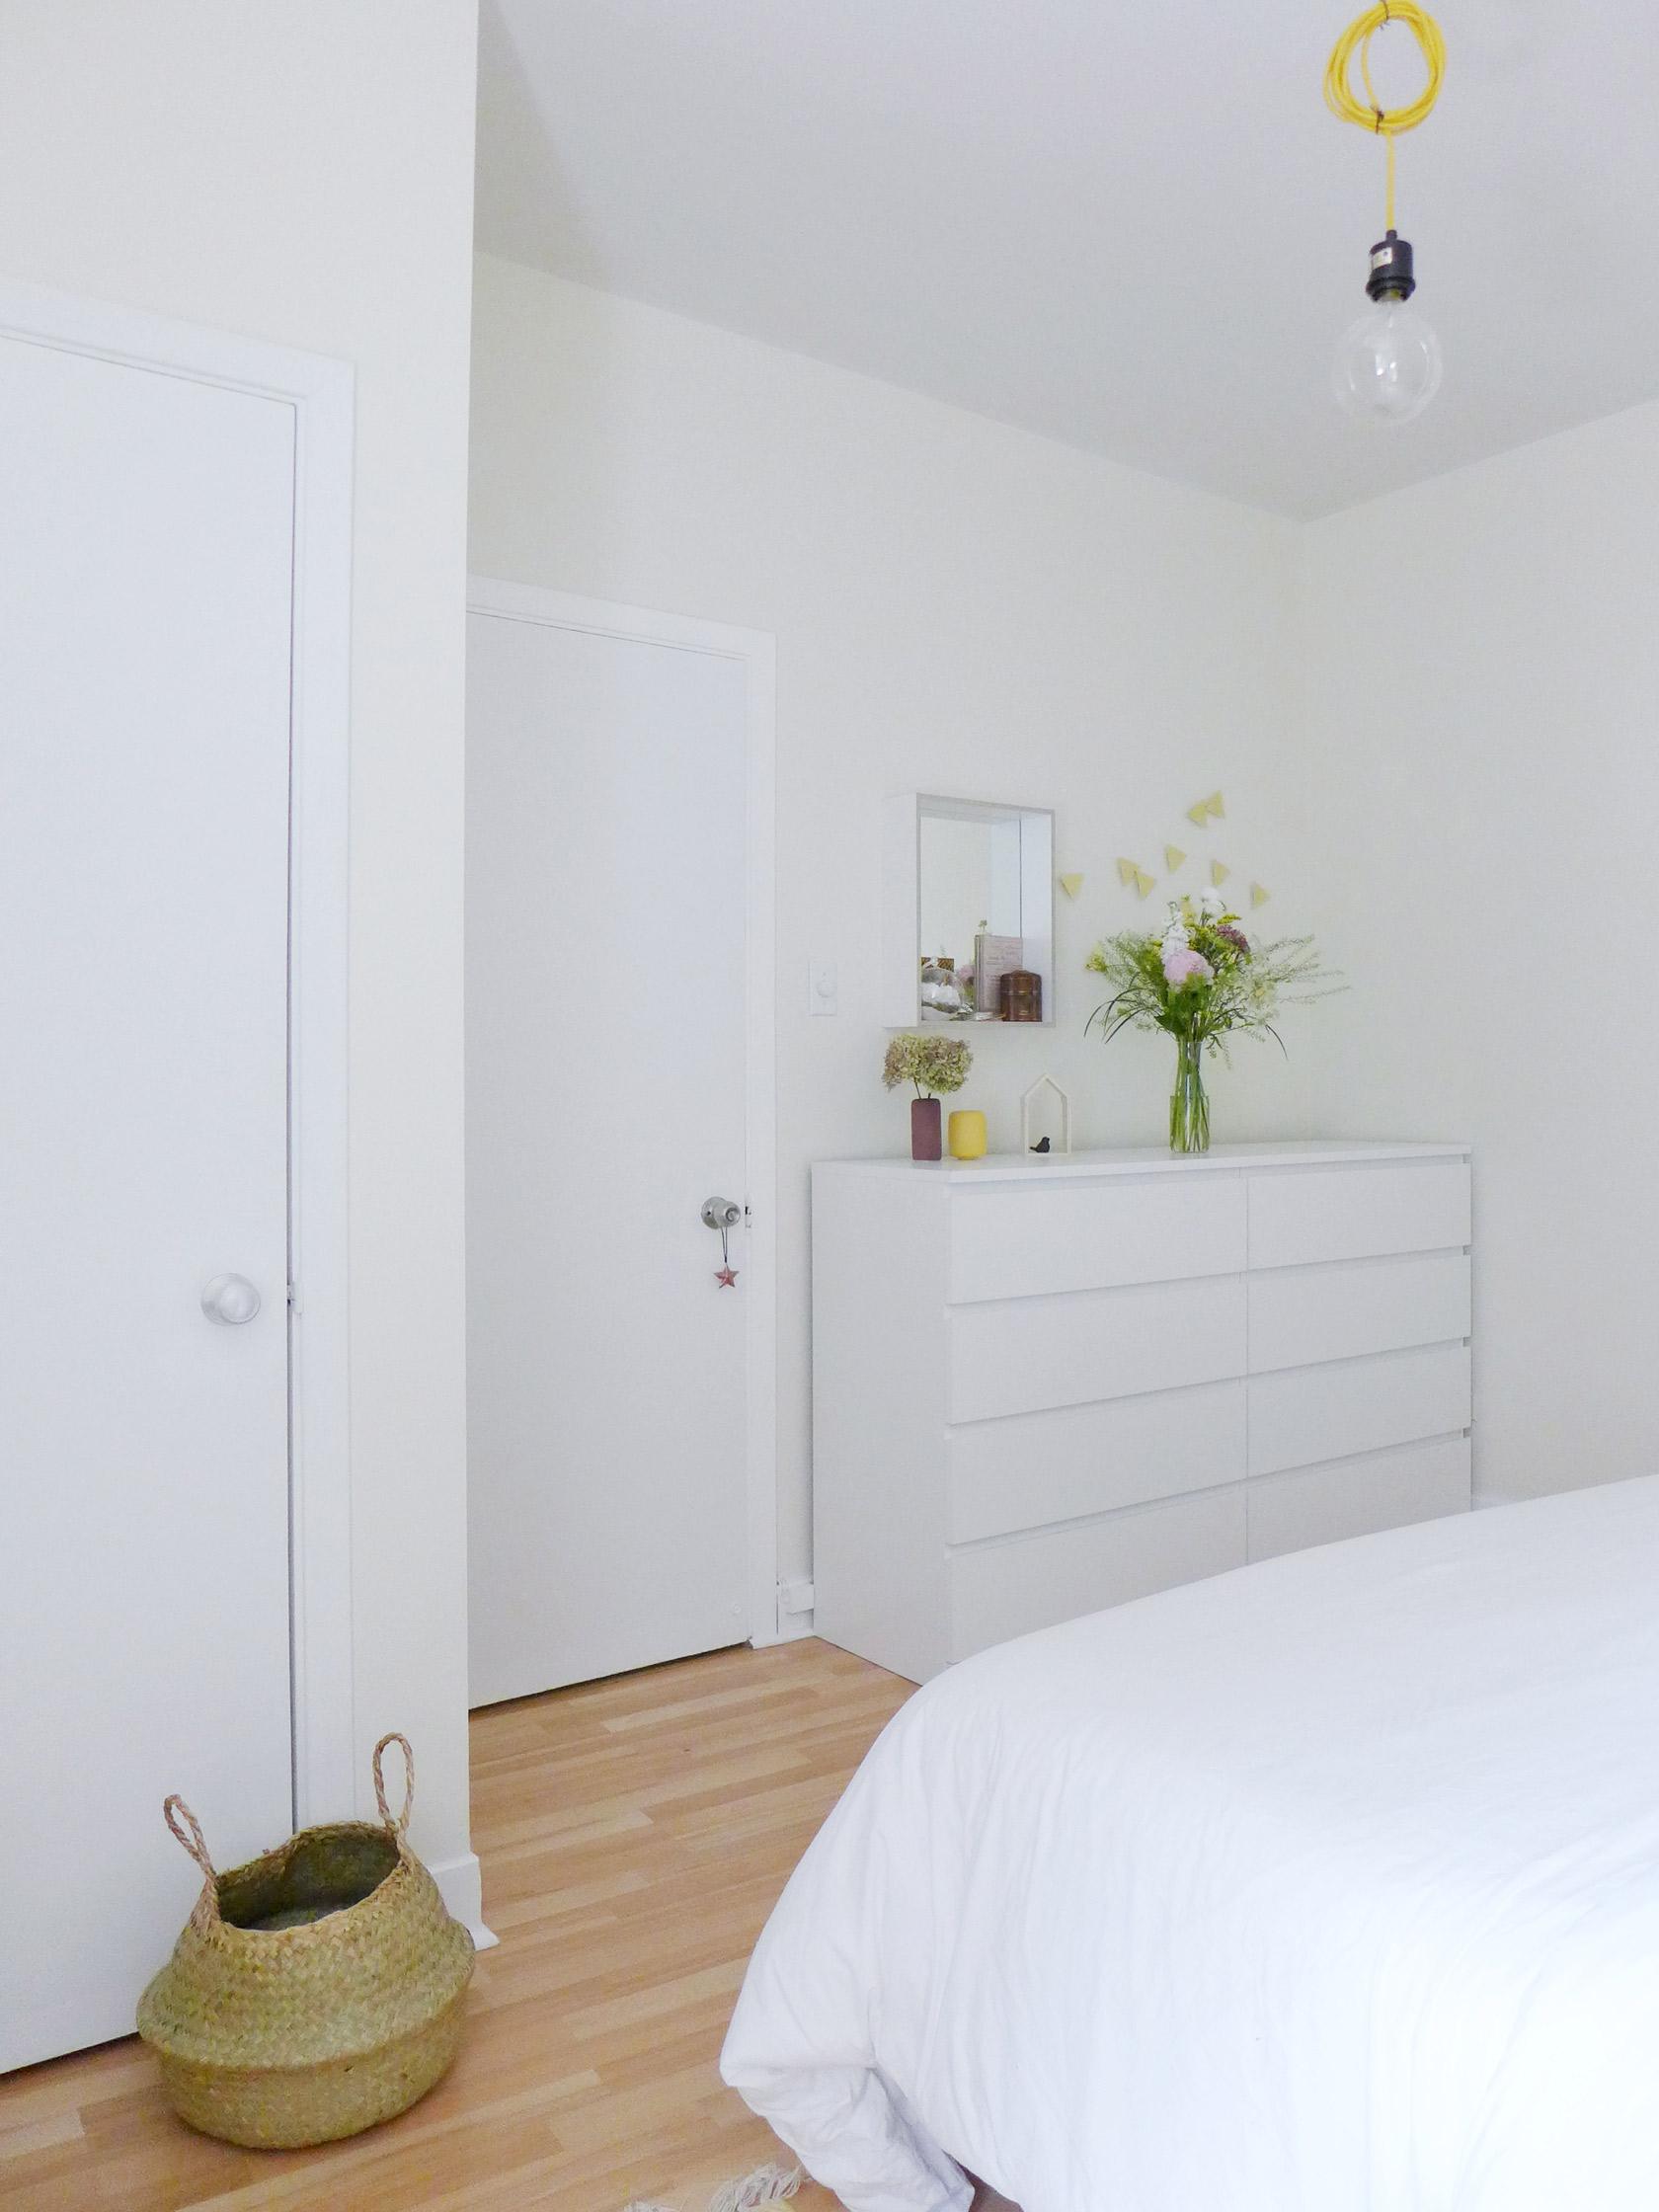 Réalisation du studio d'architecture et de décoration Skéa Designer. Jaune soleil. Dans la chambre, les commodes blanches Ikéa décorées d'un vase et d'un miroir.